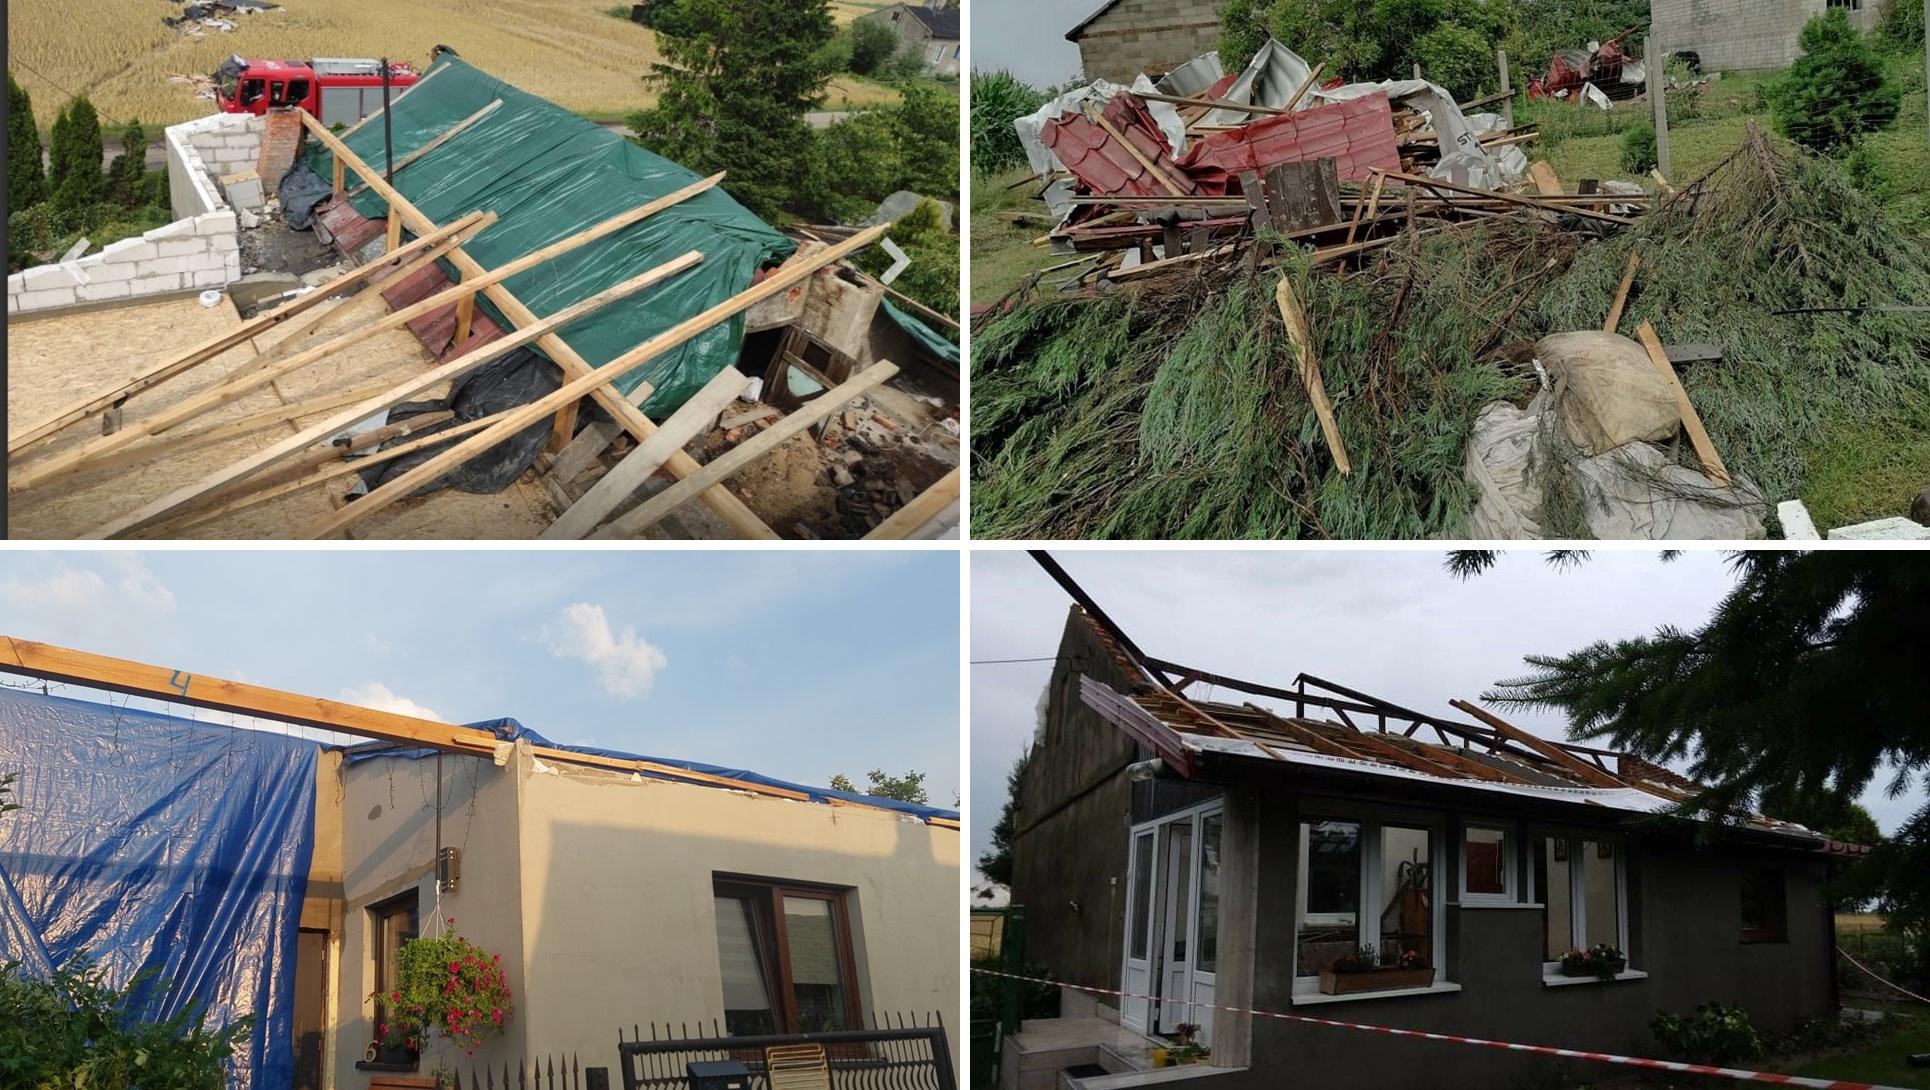 Nawałnica pozbawiła ich dachu nad głową. Poszkodowane rodziny błagają o pomoc [ZDJĘCIA] - Zdjęcie główne